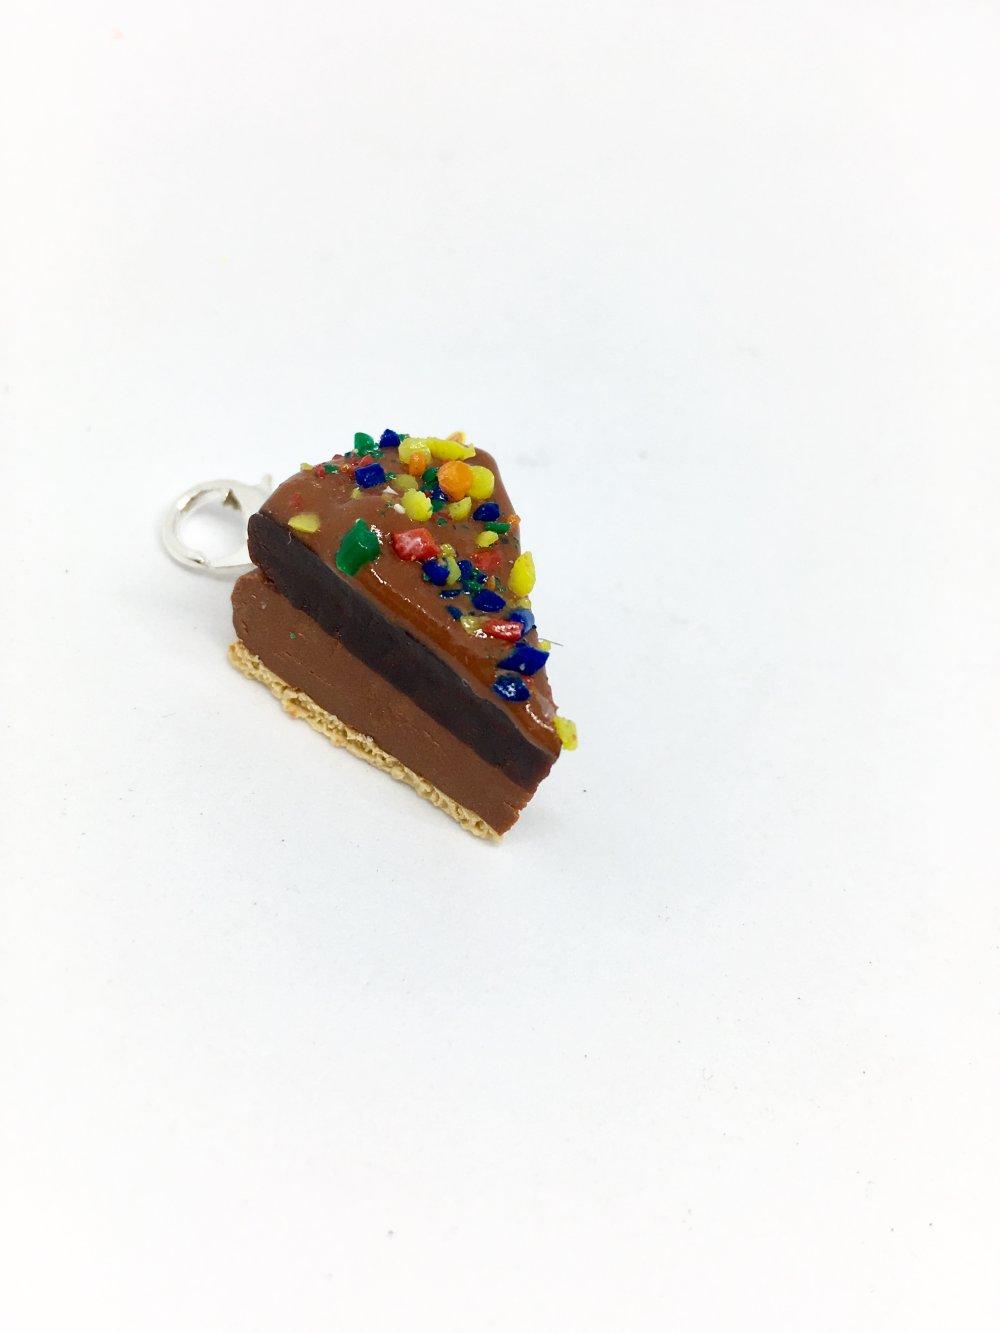 charm cheesecake m&m's